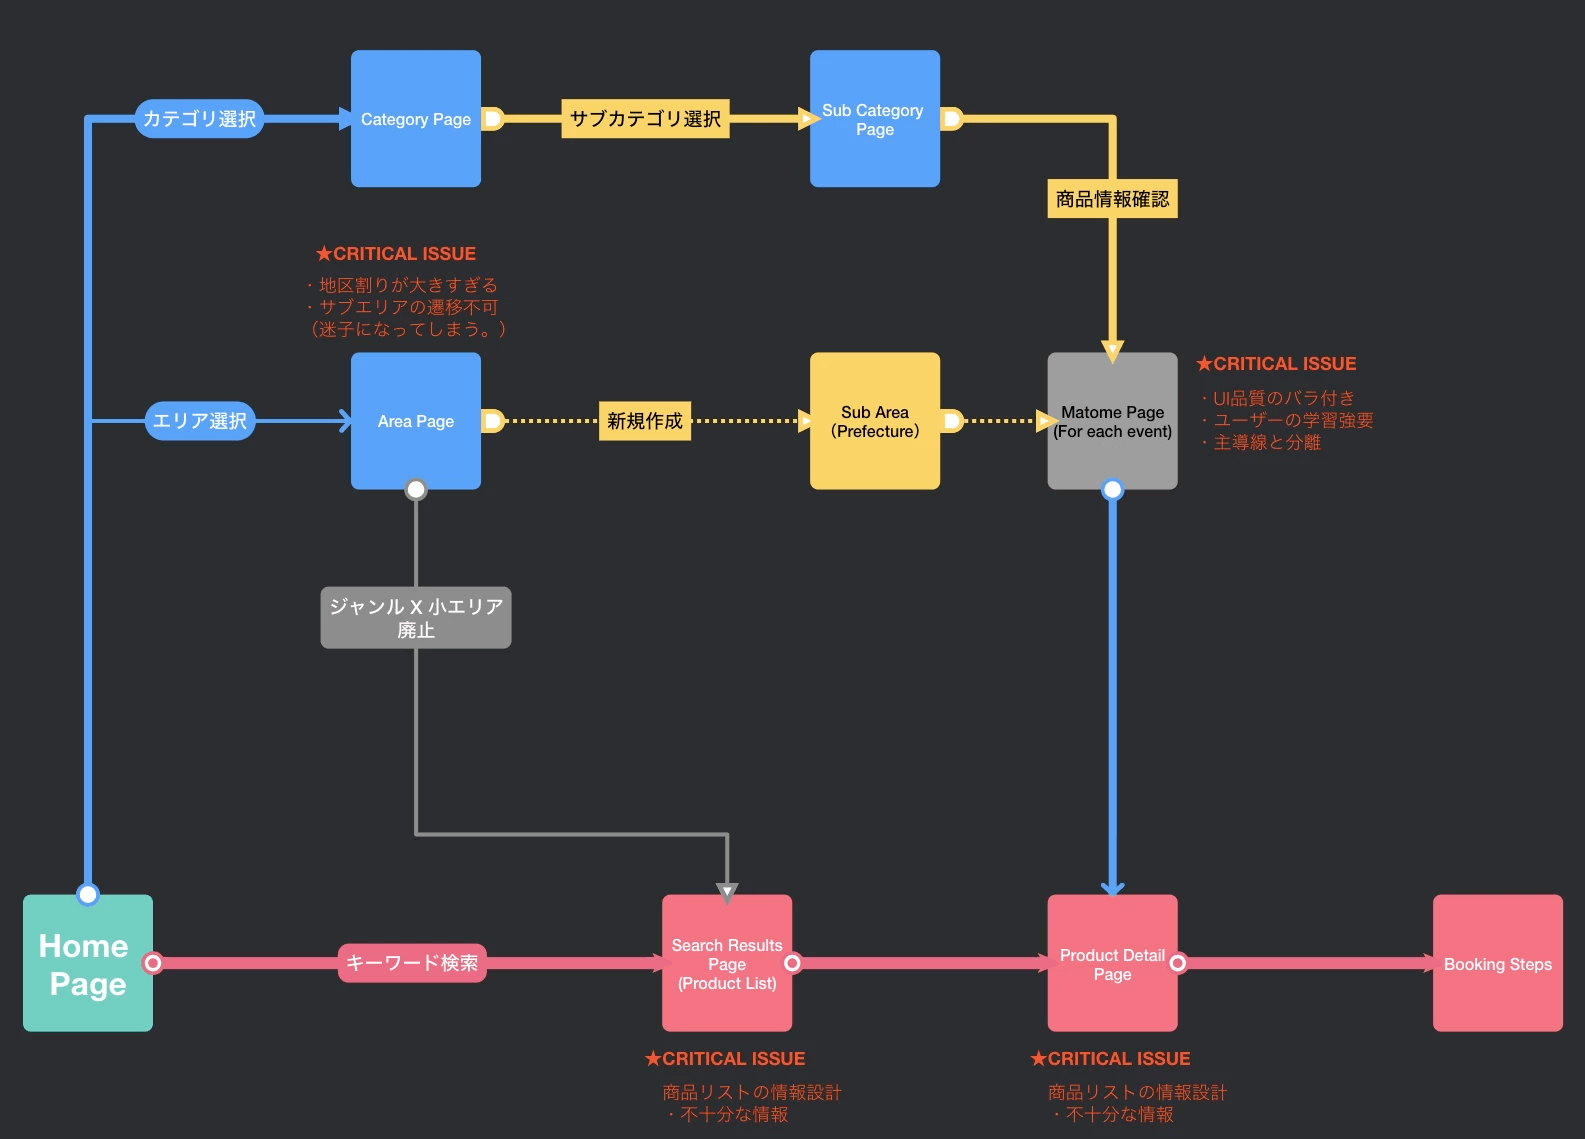 Site Flow